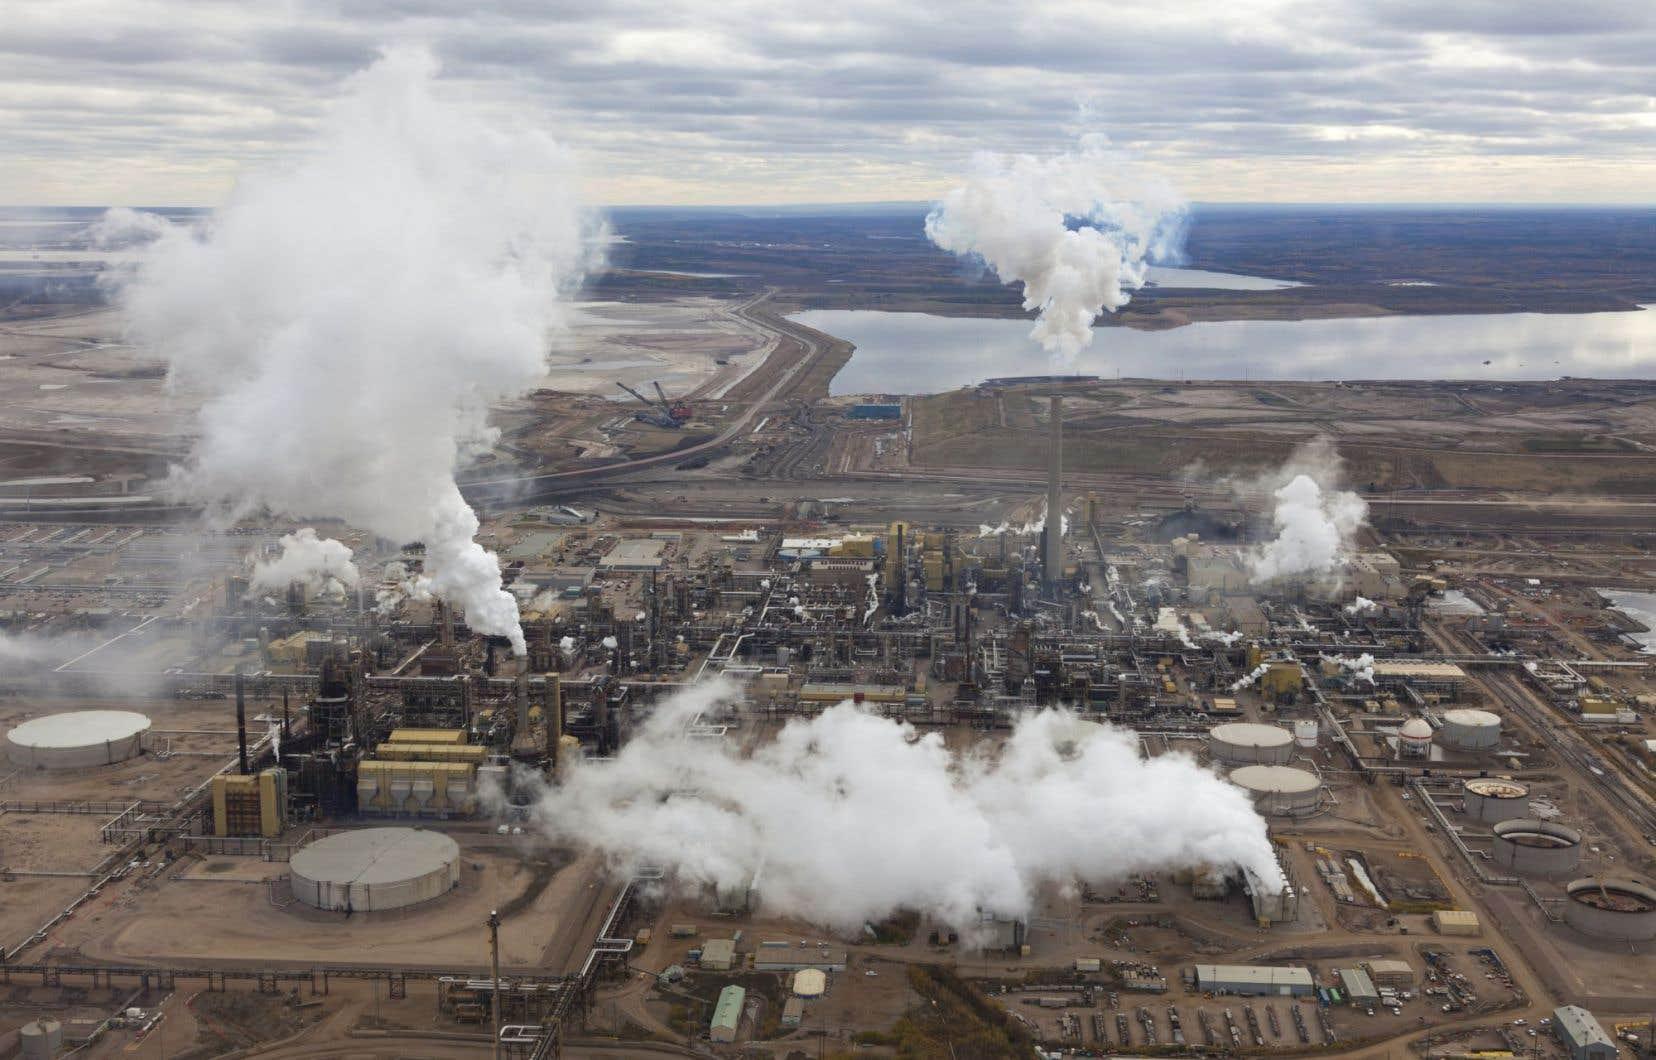 Non seulement le gouvernement Harper a délaissé le Protocole de Kyoto après qu'il eut été ratifié par le Canada, mais il n'a jamais entrepris d'actions concrètes pour respecter la cible de réduction des émissions de gaz à effet serre moins ambitieuse fixée par la suite.